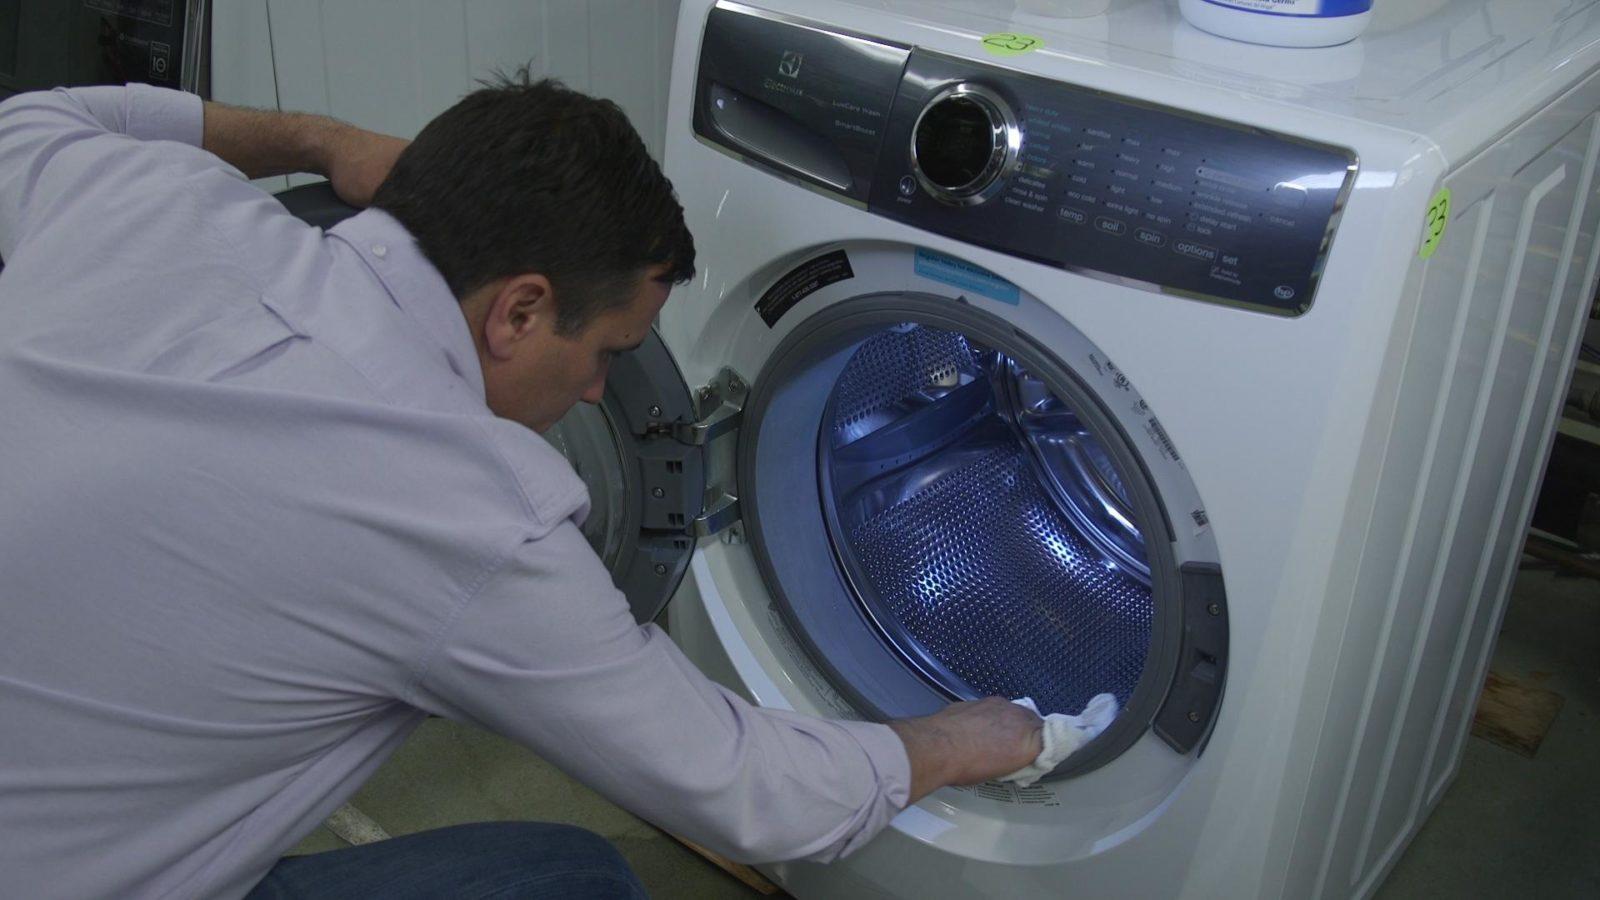 след измиване избършете маншета и барабана на пералната машина с кърпа